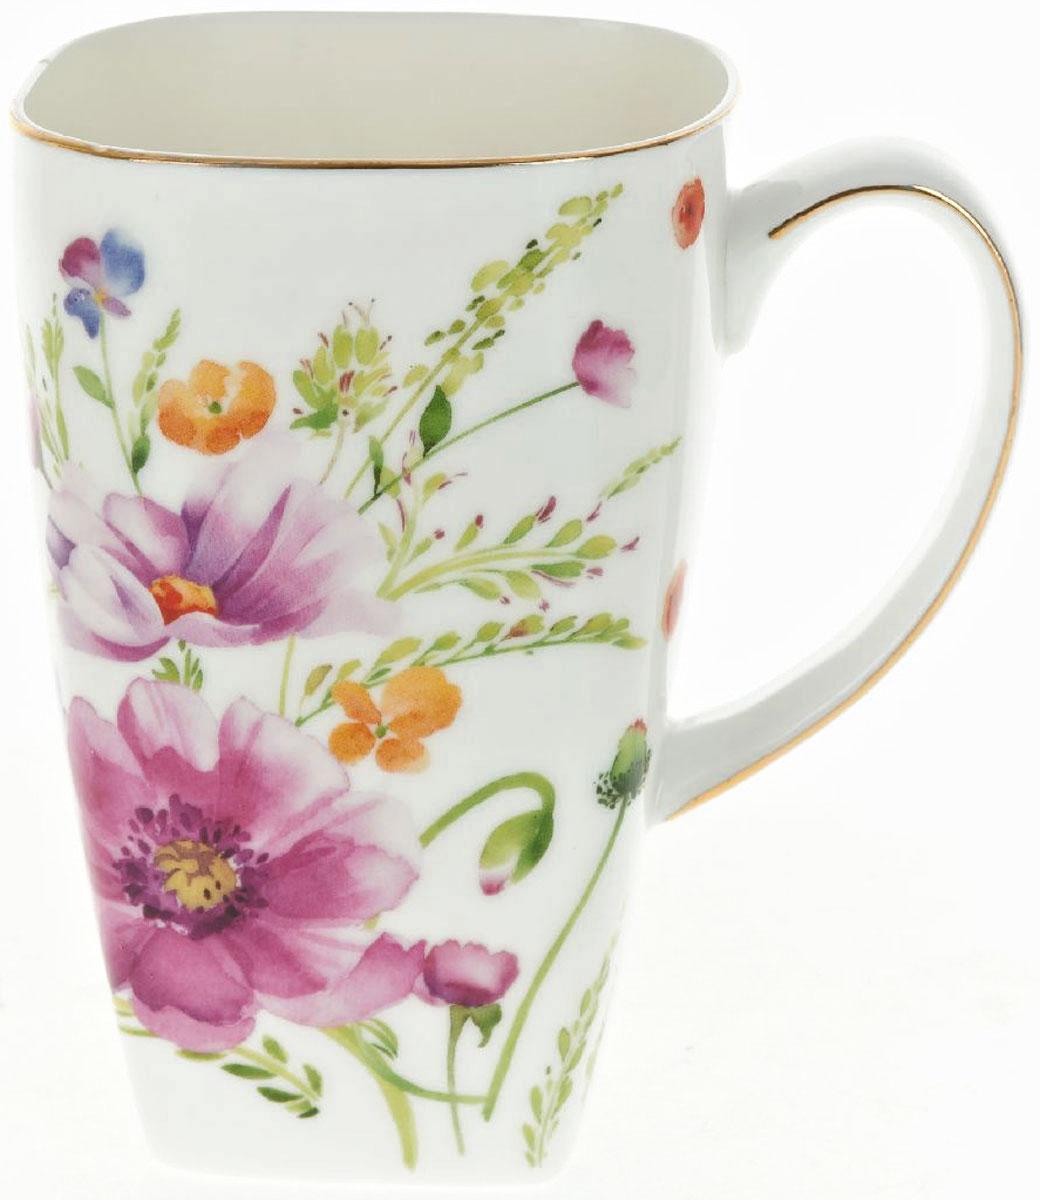 Кружка BHP Summer day, 600 мл0800160Оригинальная кружка Best Home Porcelain, выполненная из высококачественного фарфора, сочетает в себе изысканный дизайн с максимальной функциональностью. Красочность оформления кружки придется по вкусу и ценителям классики, и тем, кто предпочитает утонченность и изысканность. В комплект входит кружка. Можно использовать в ПММ.